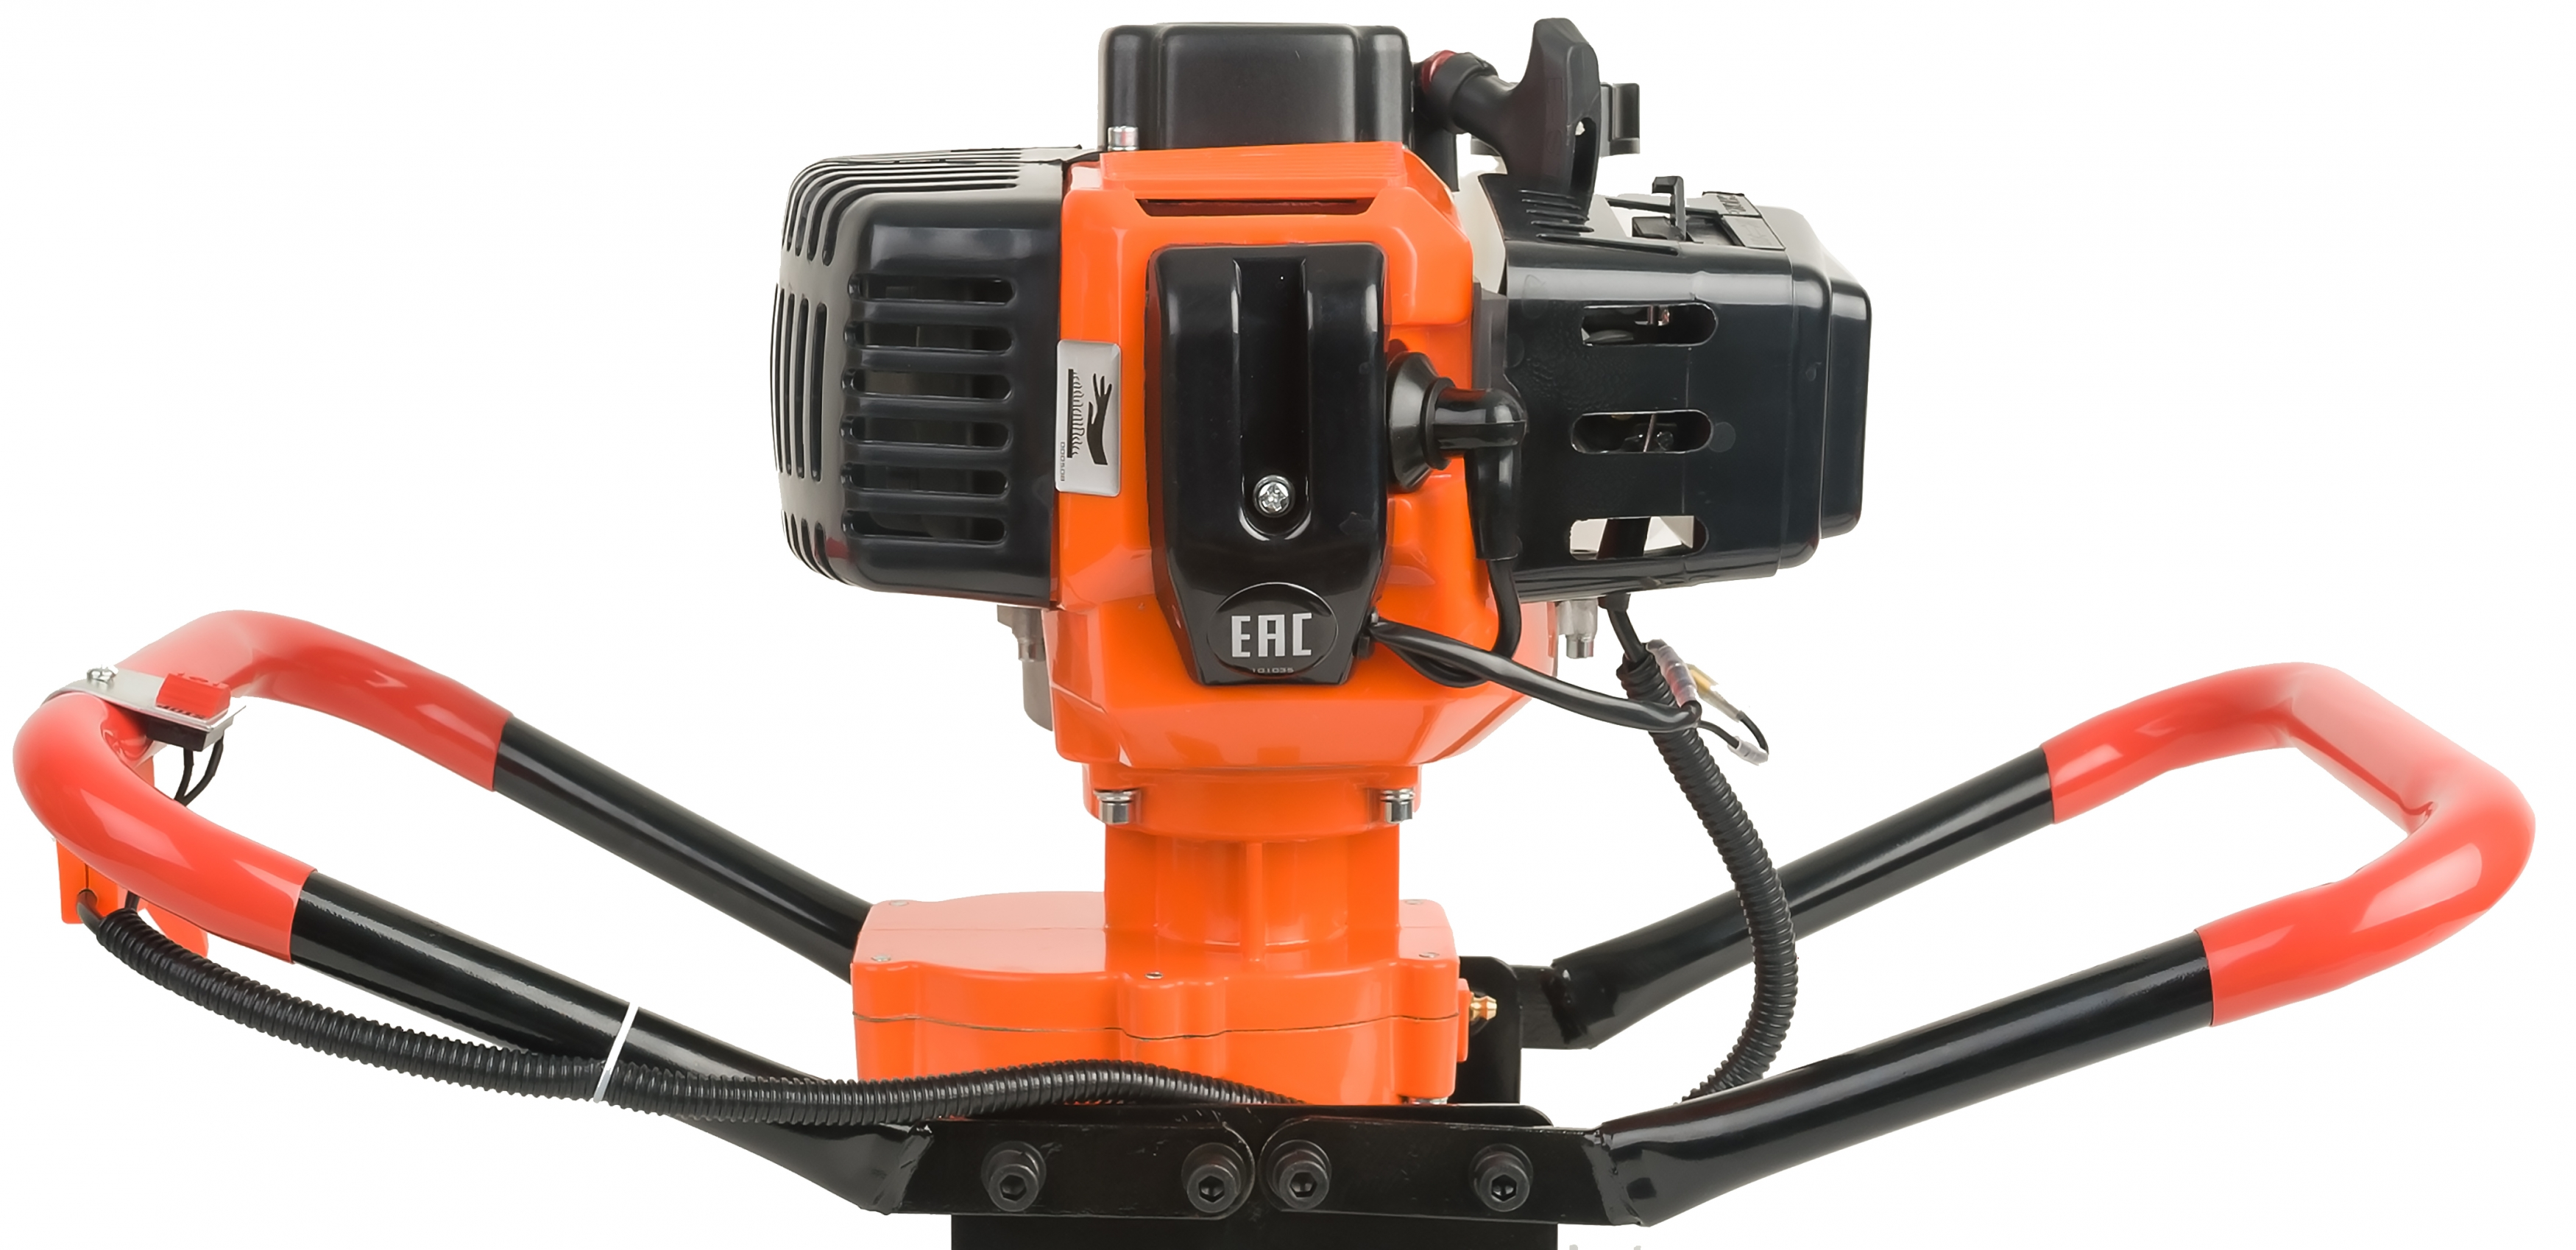 Мотобур CarverМотобуры<br>Мощность: 2200,<br>Мощность (лс): 3,<br>Рабочий объем: 52,<br>Обороты: 190,<br>Макс. диаметр бура: 300,<br>Тип патрона: 20 мм,<br>Количество операторов: два,<br>Назначение: для грунта и льда,<br>Бак: 0.8,<br>Вес нетто: 6.8<br>